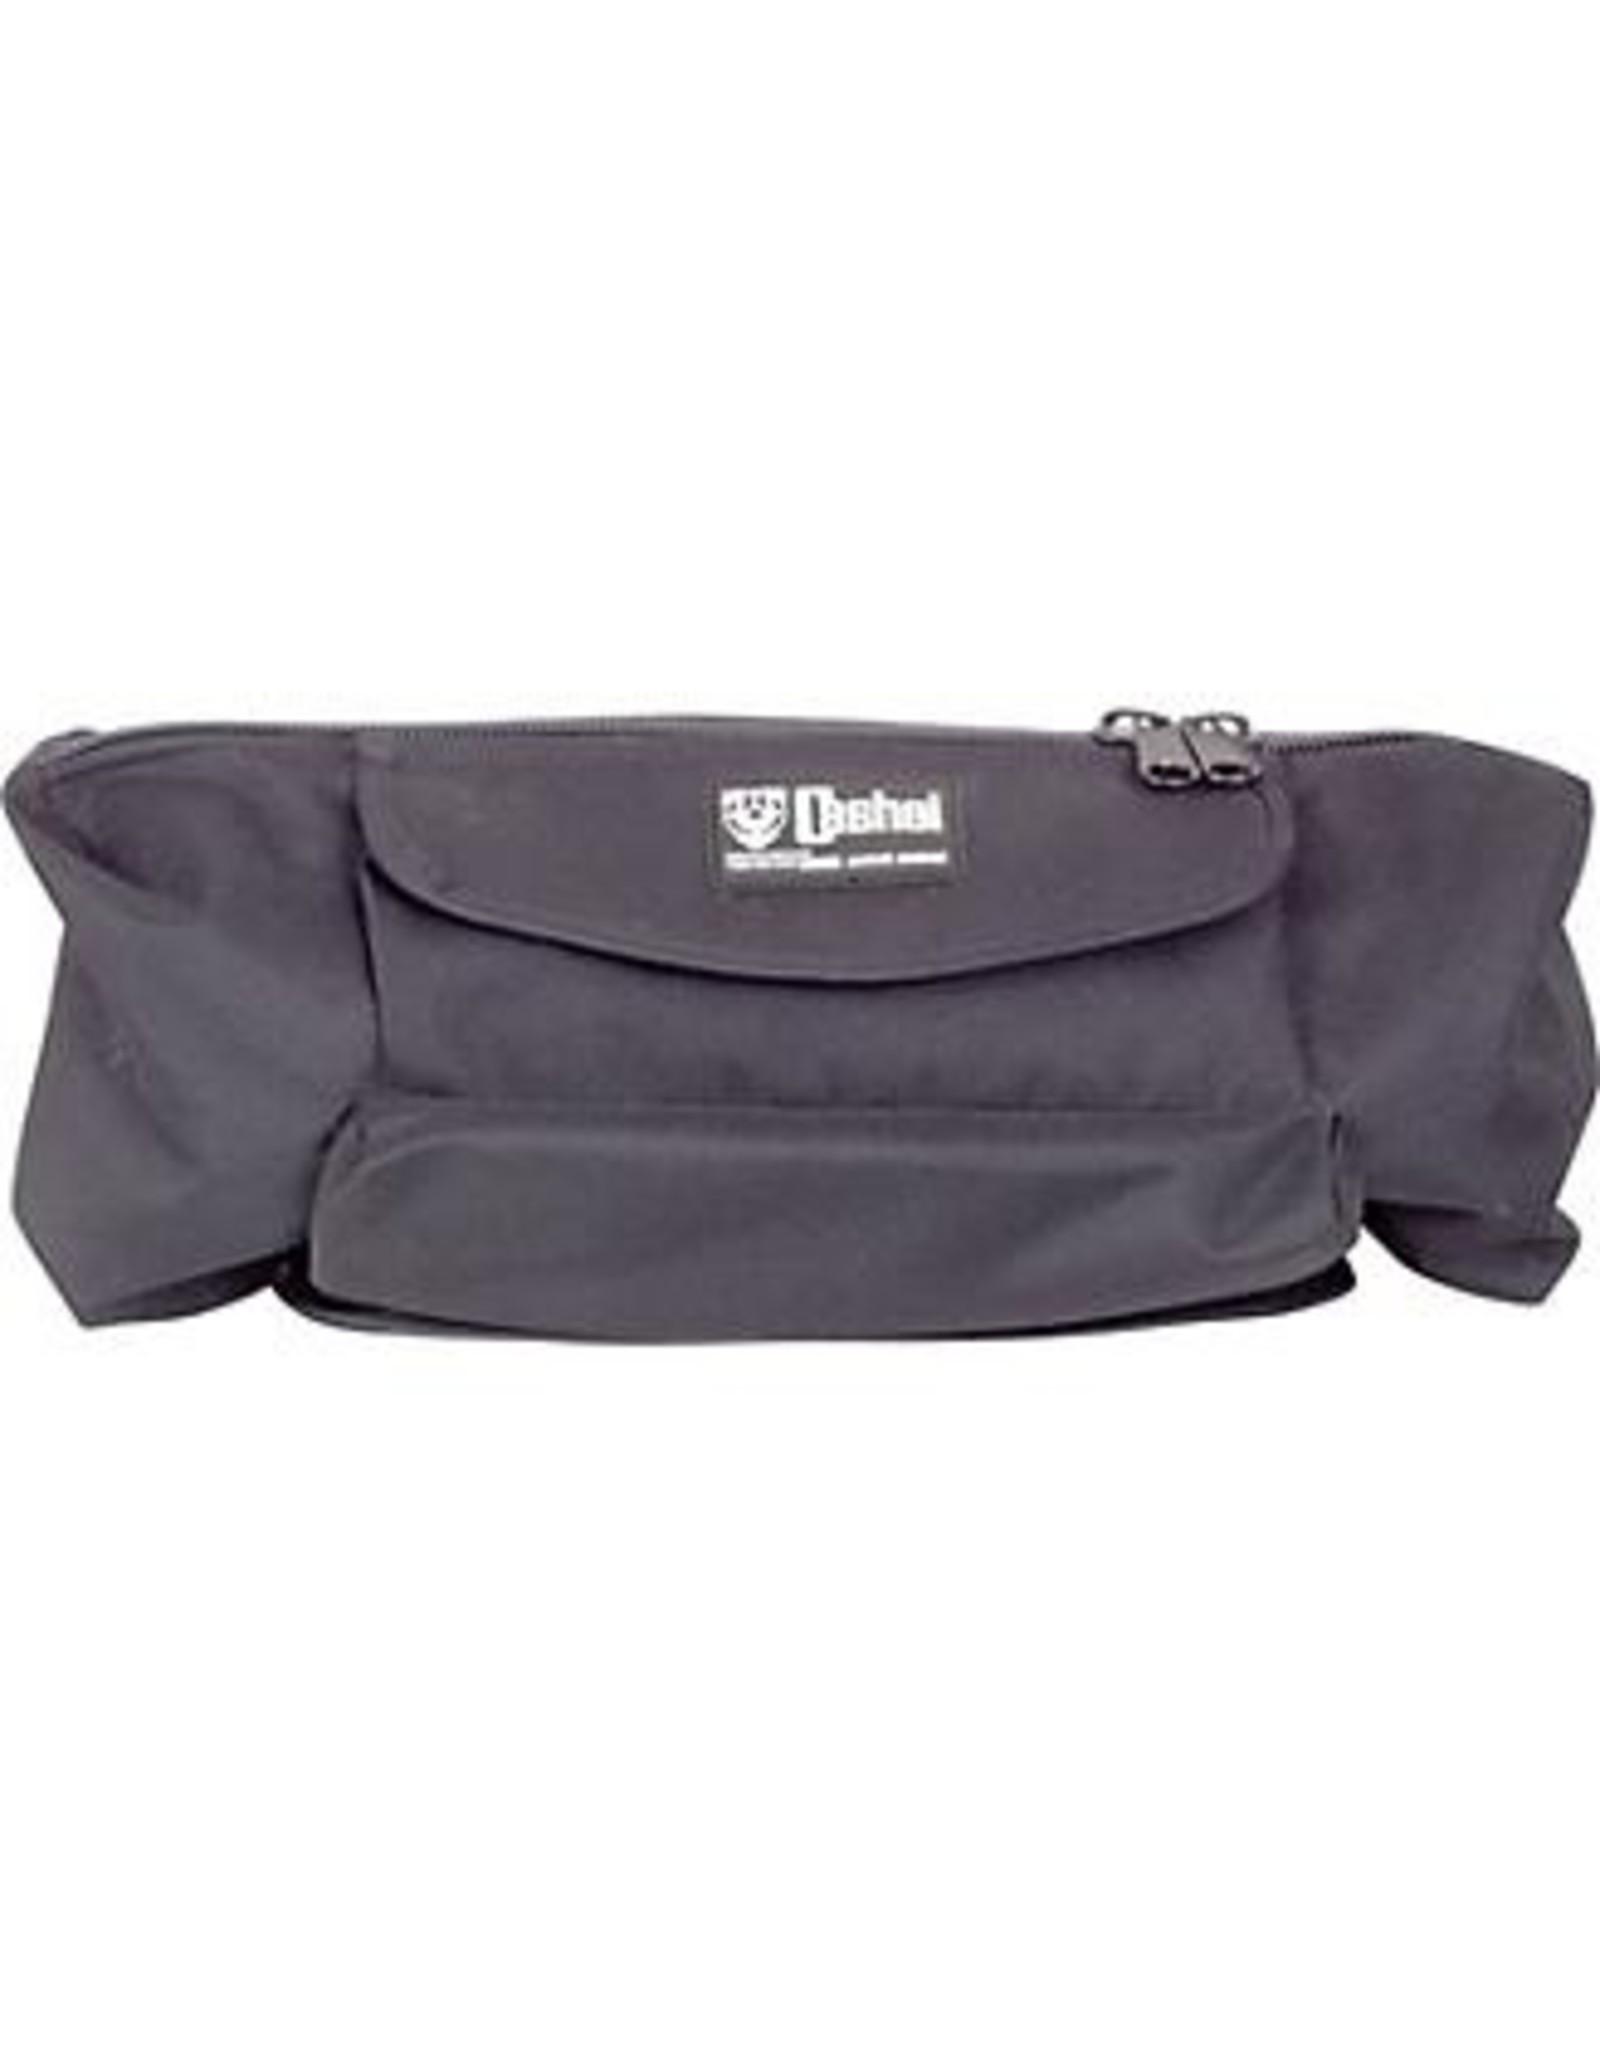 Cashel Cantle Bag with Jacket Liner